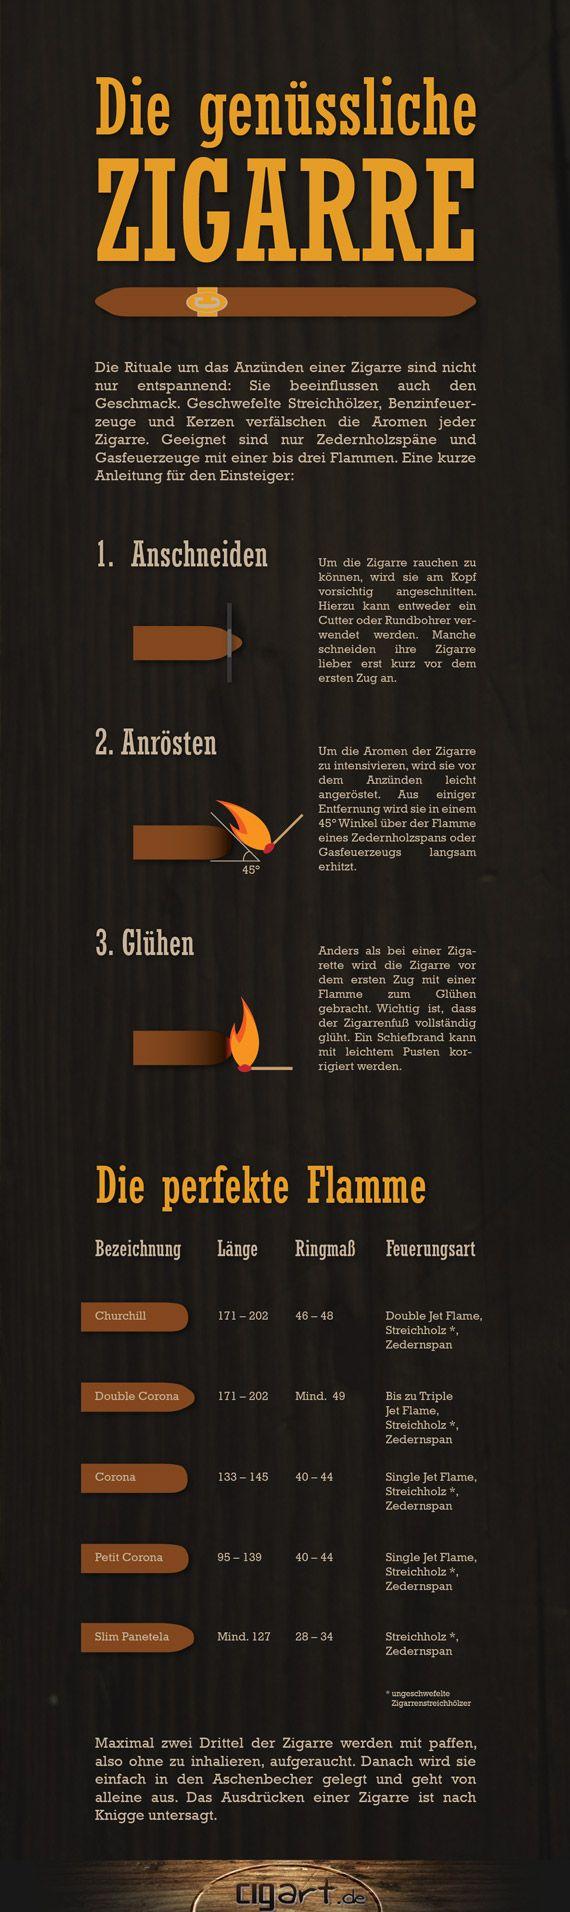 Die Zigarre richtig anzünden  #Zigarre #rauchen #Genuss #cigart #Hobby #Zigarrerauchen – Dirk Bauer